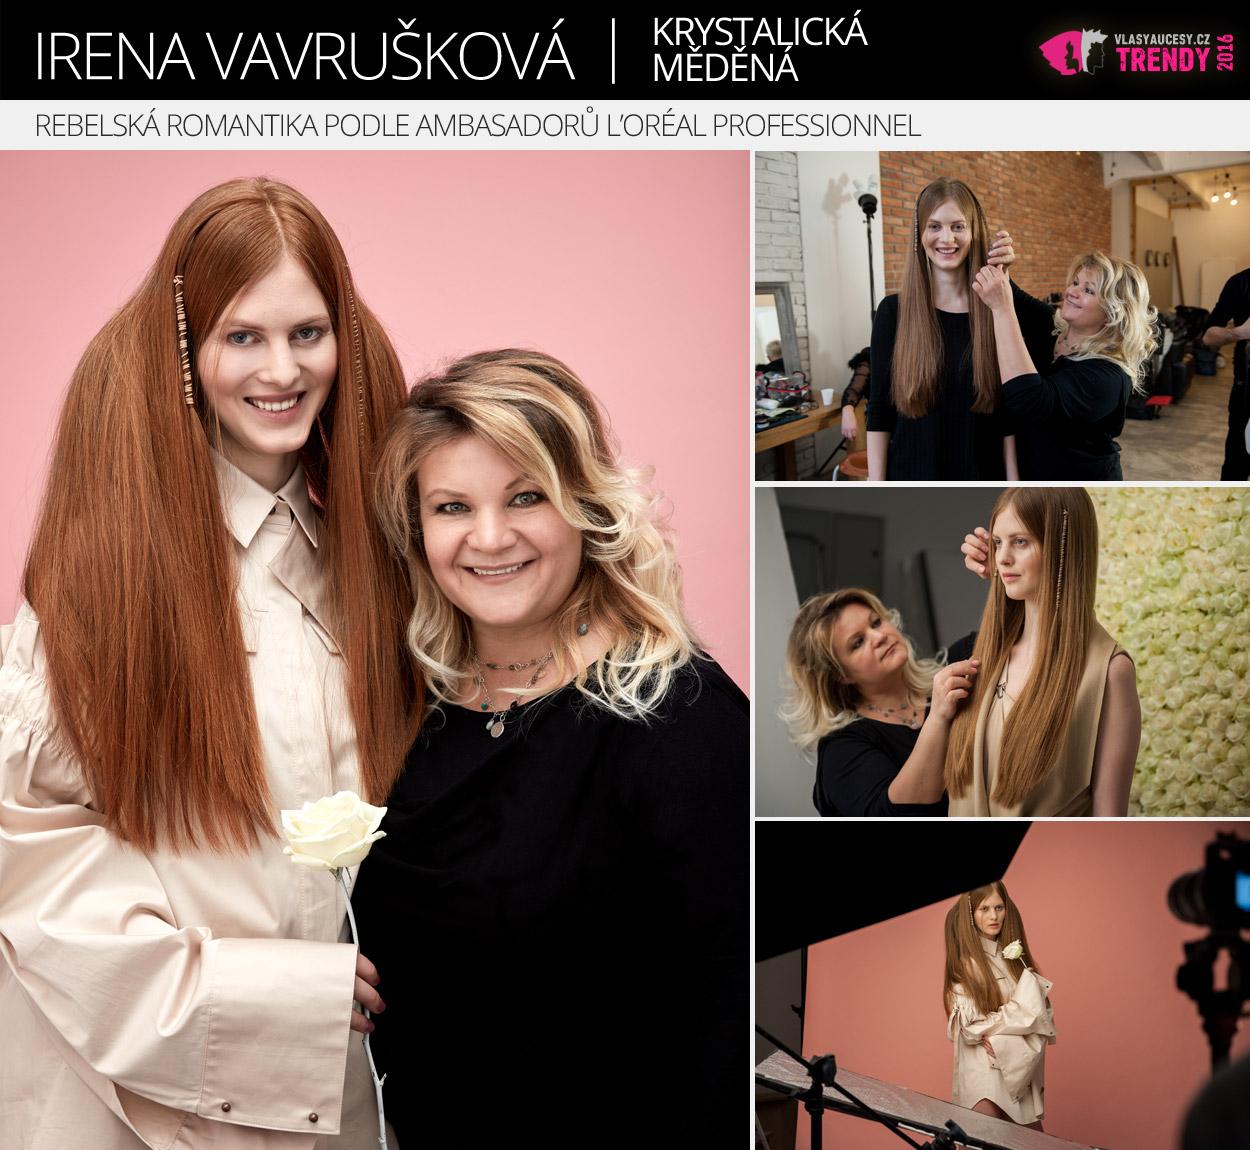 Ambasadorka L'Oréal Professionnel: Irena Vavrušková